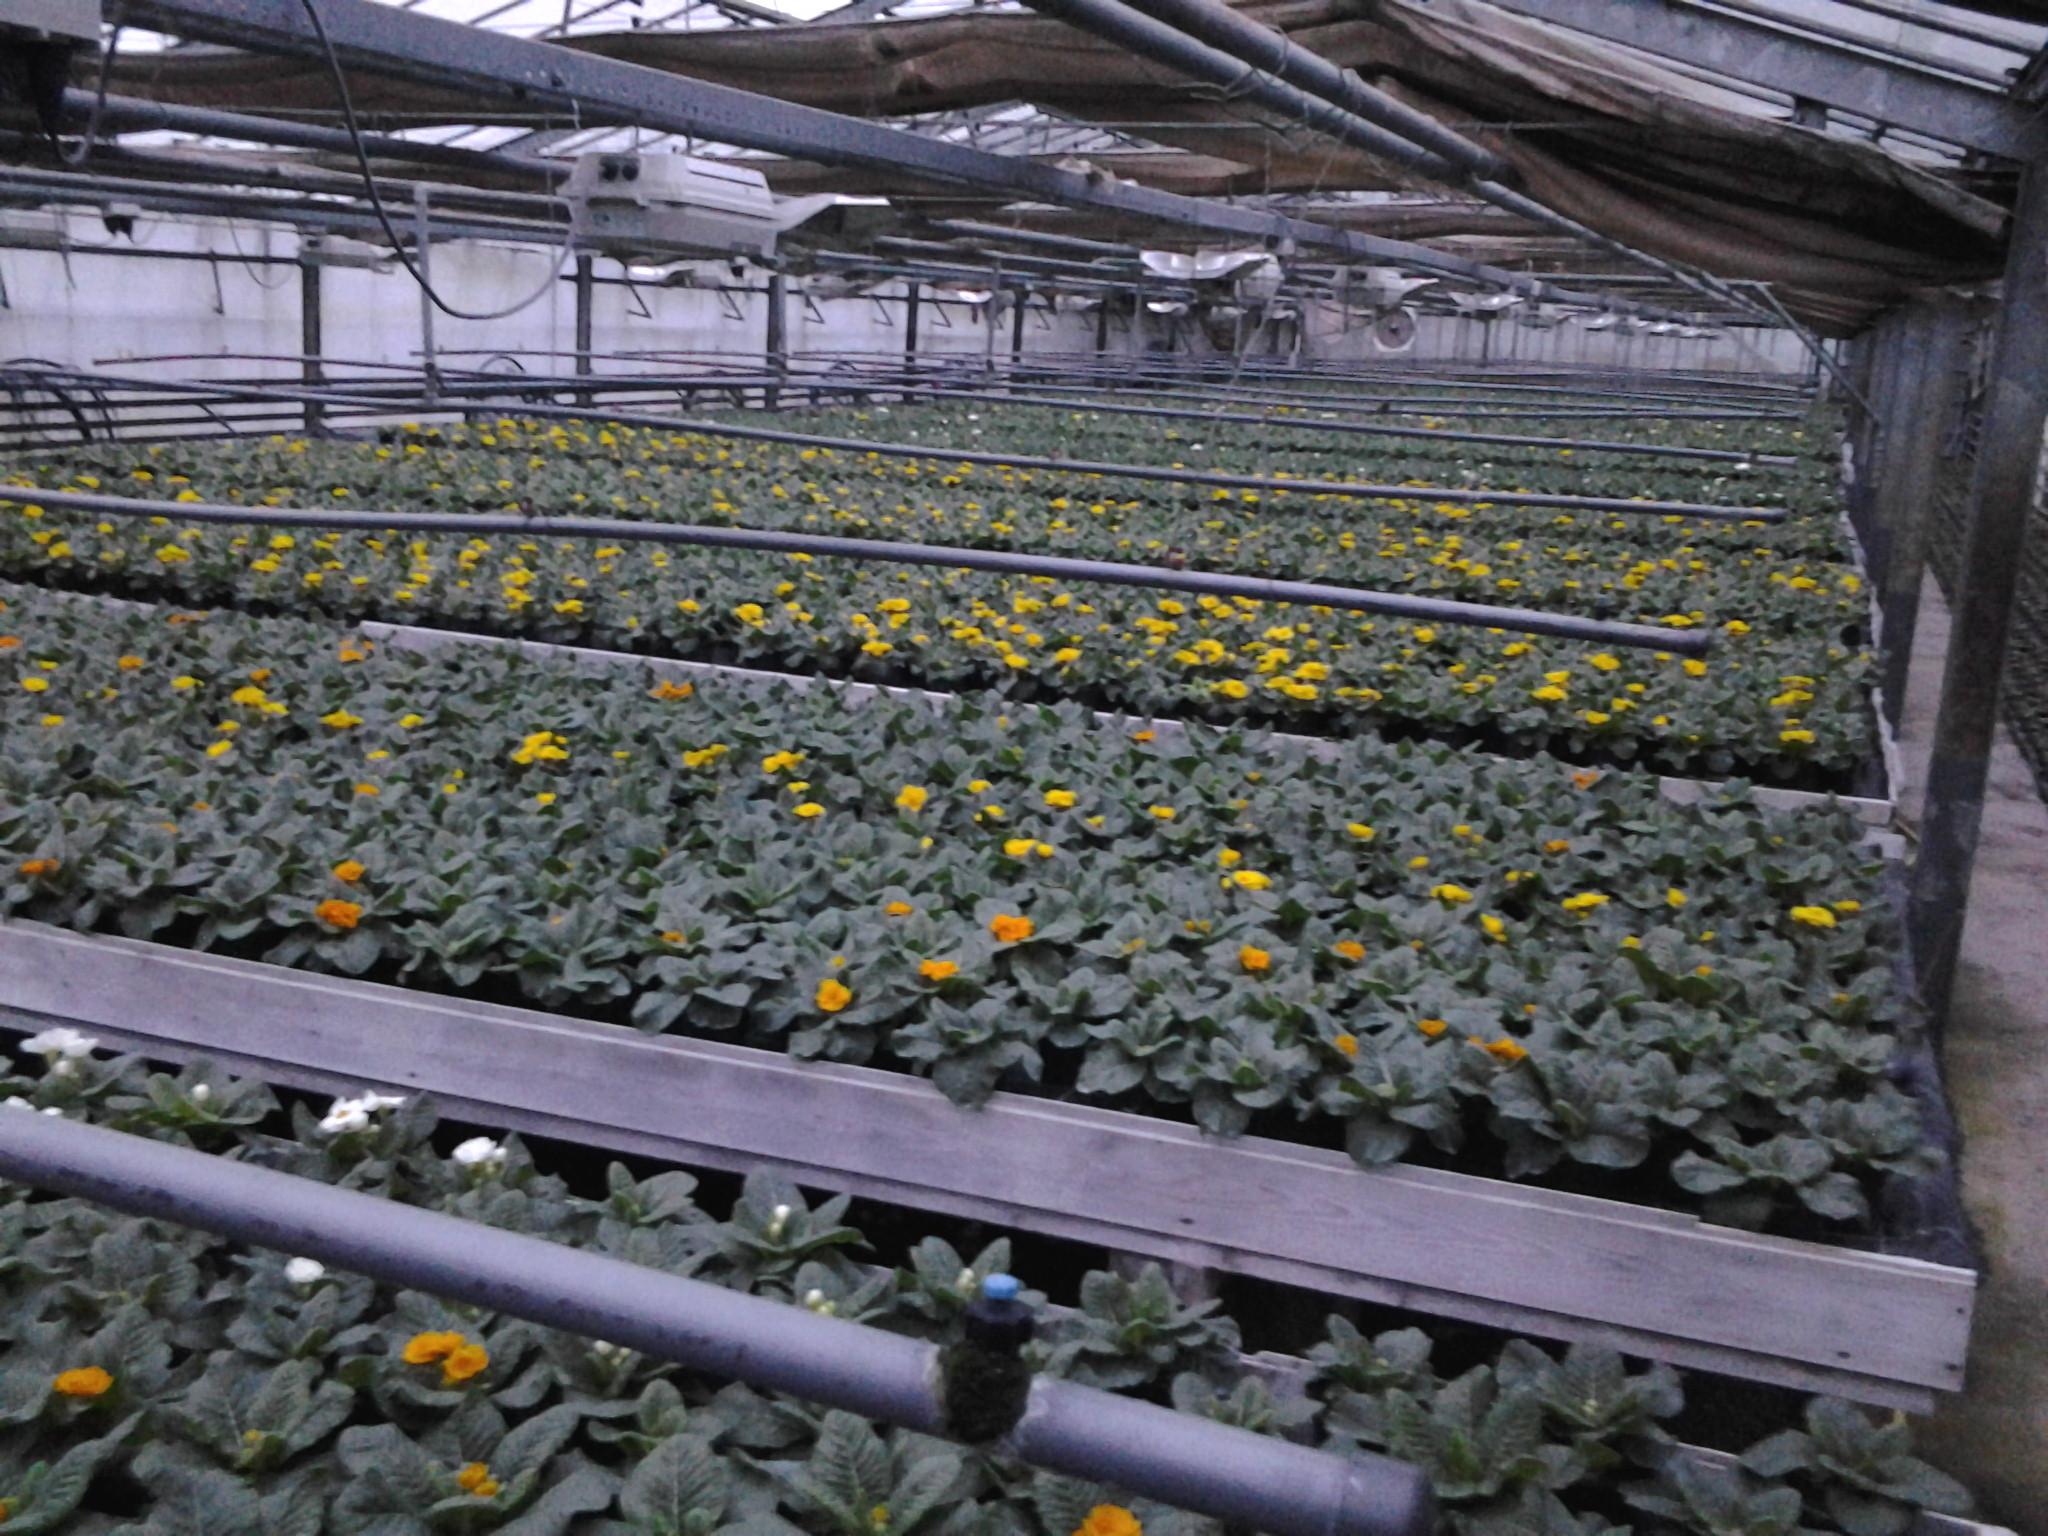 Gartenbau Korschenbroich gartenbau lentzen